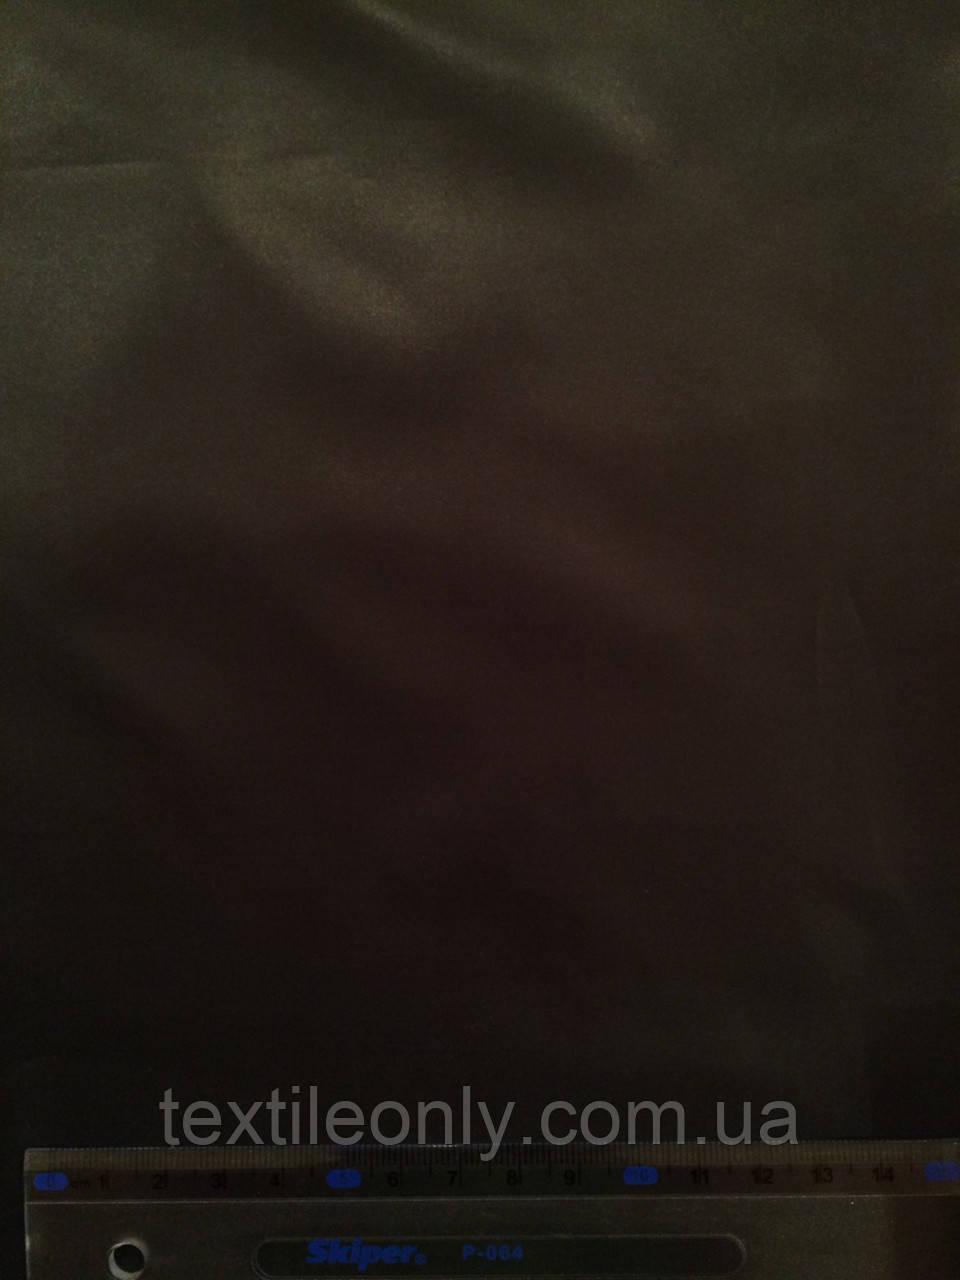 Ткань Плащевка Лаке черная